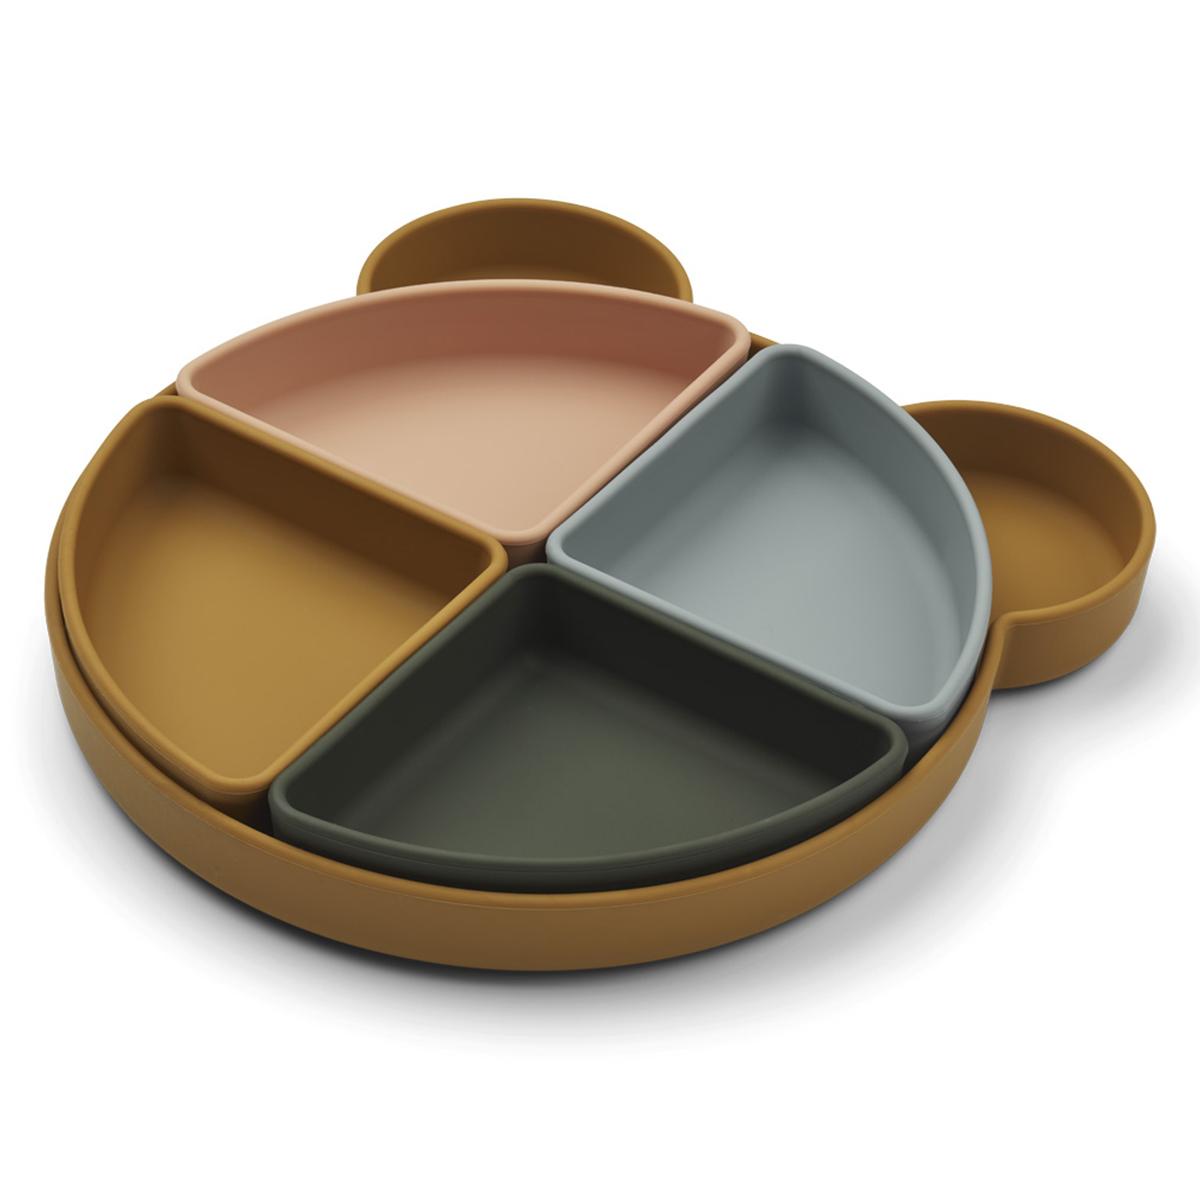 Vaisselle & Couvert Assiette Compartimentée Arne - Mr Bear Golden Caramel Multi Mix Assiette Compartimentée Arne - Mr Bear Golden Caramel Multi Mix